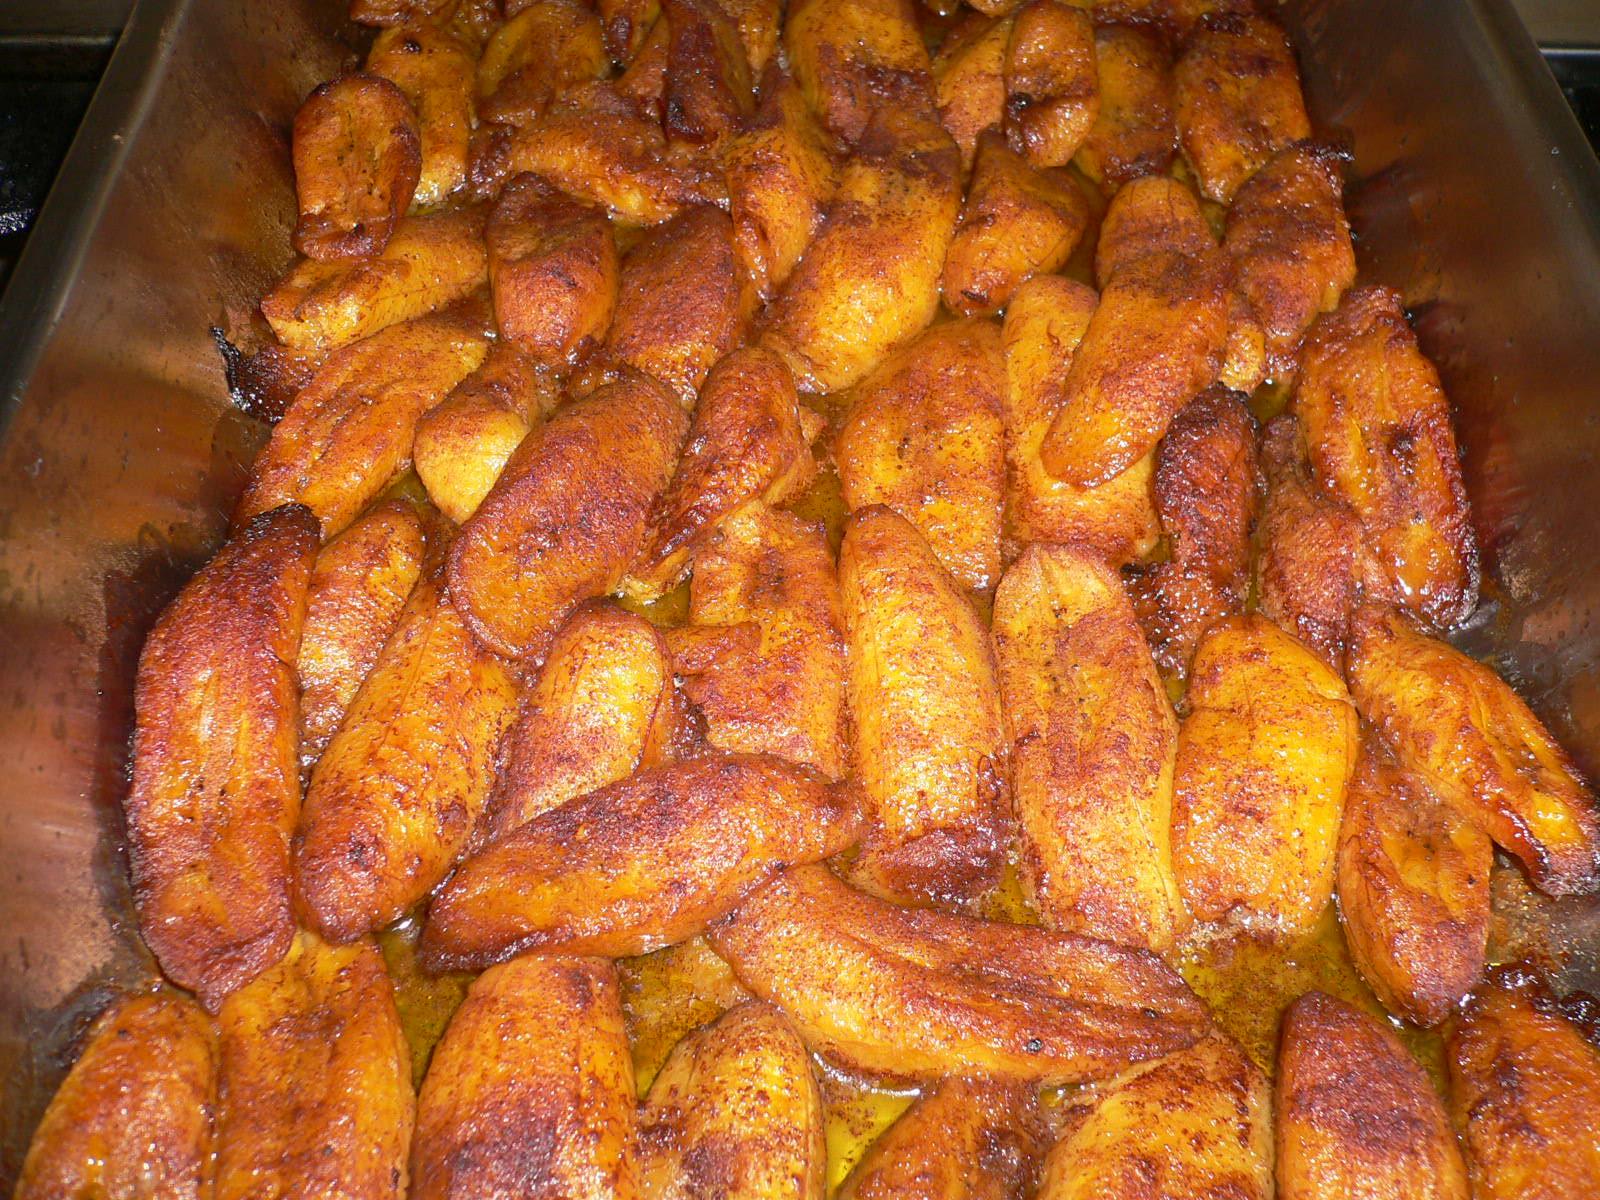 Cinnamon Vanilla Baked Plantains